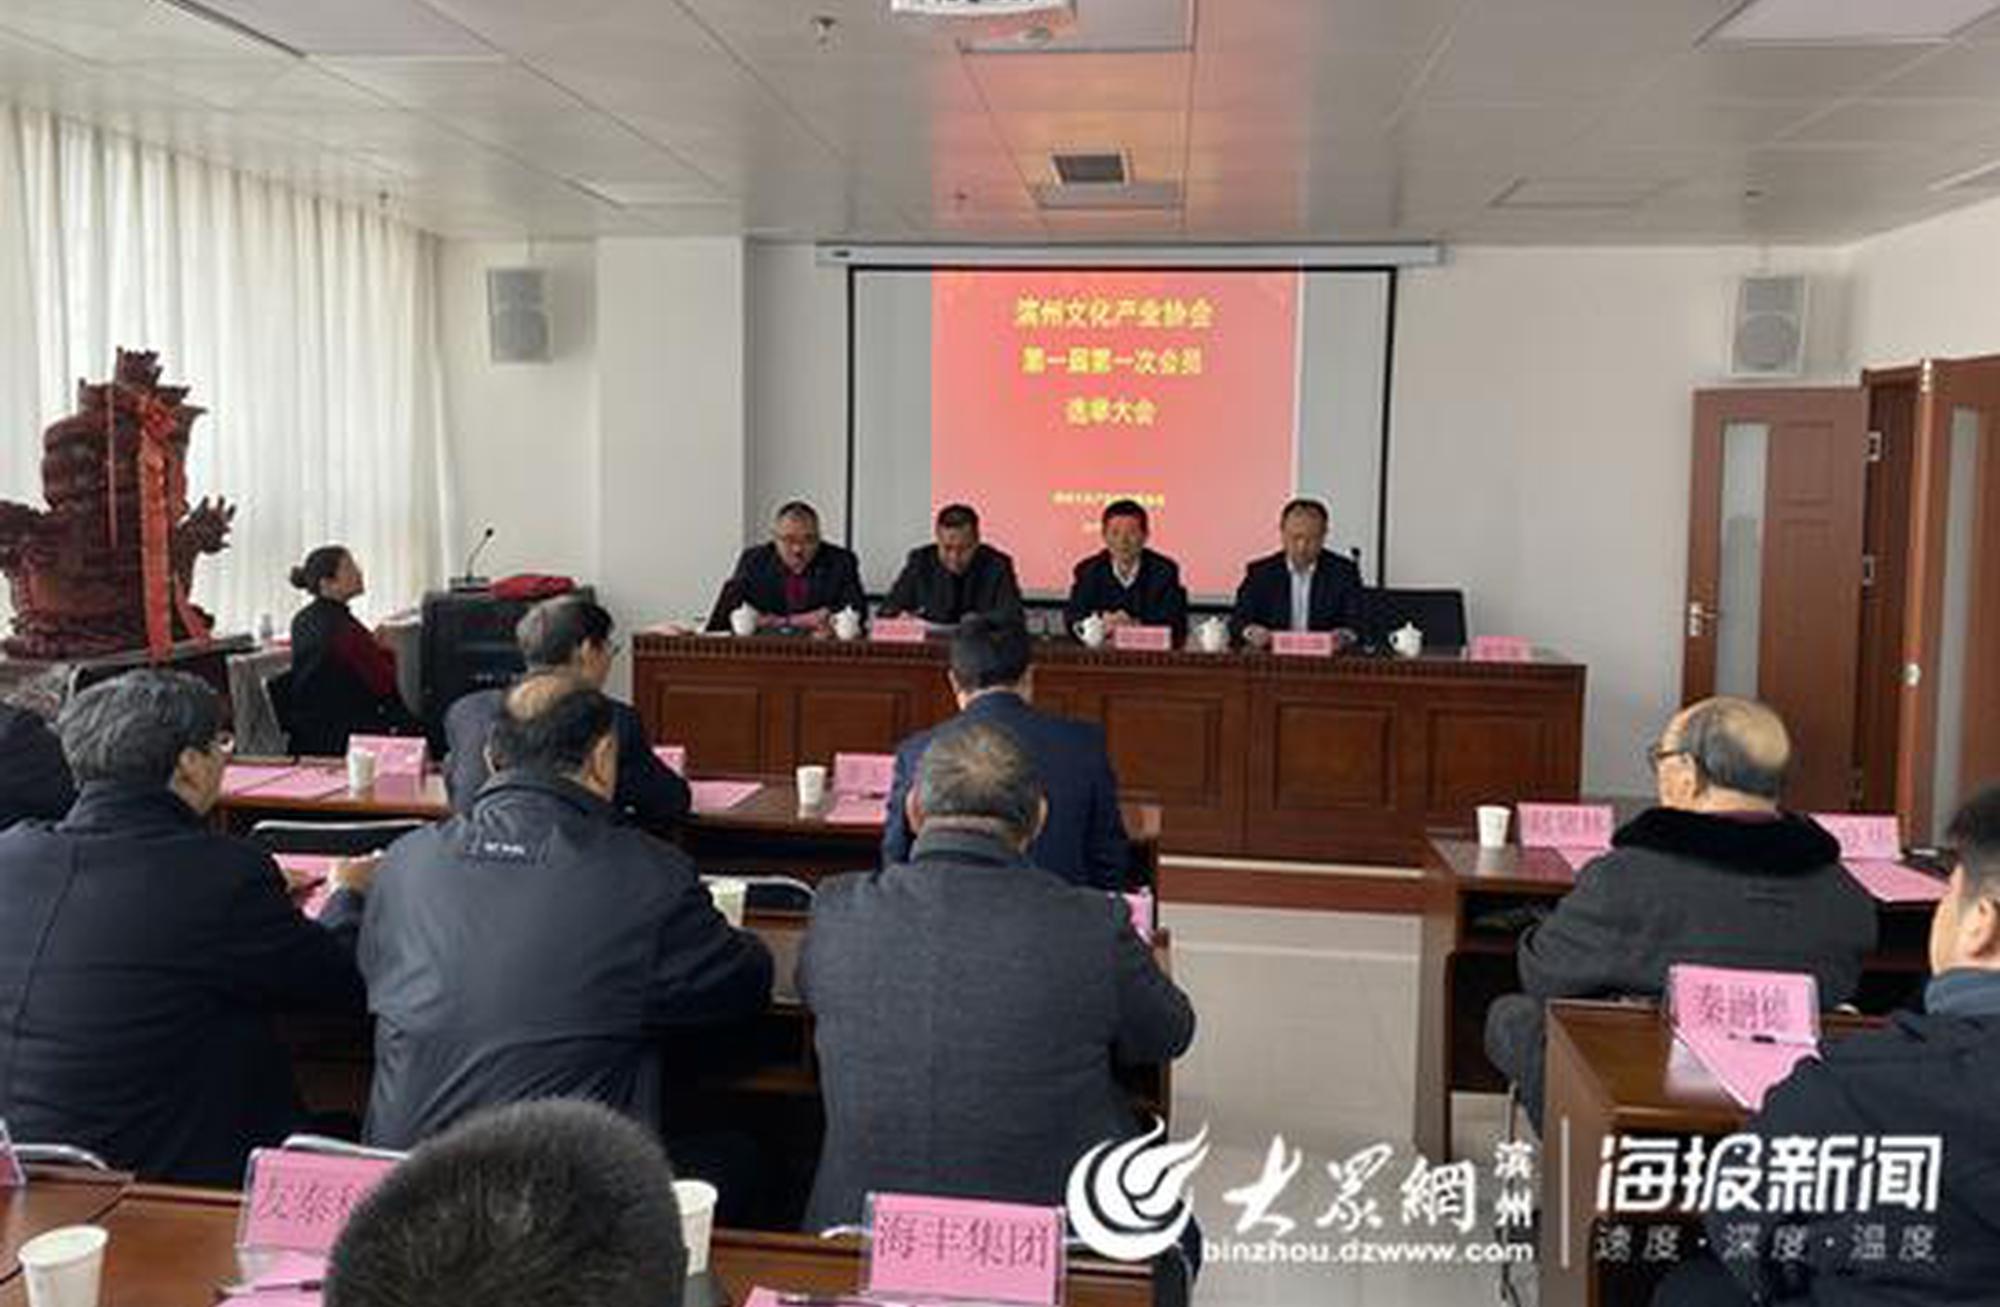 滨州文化产业协会宣布成立